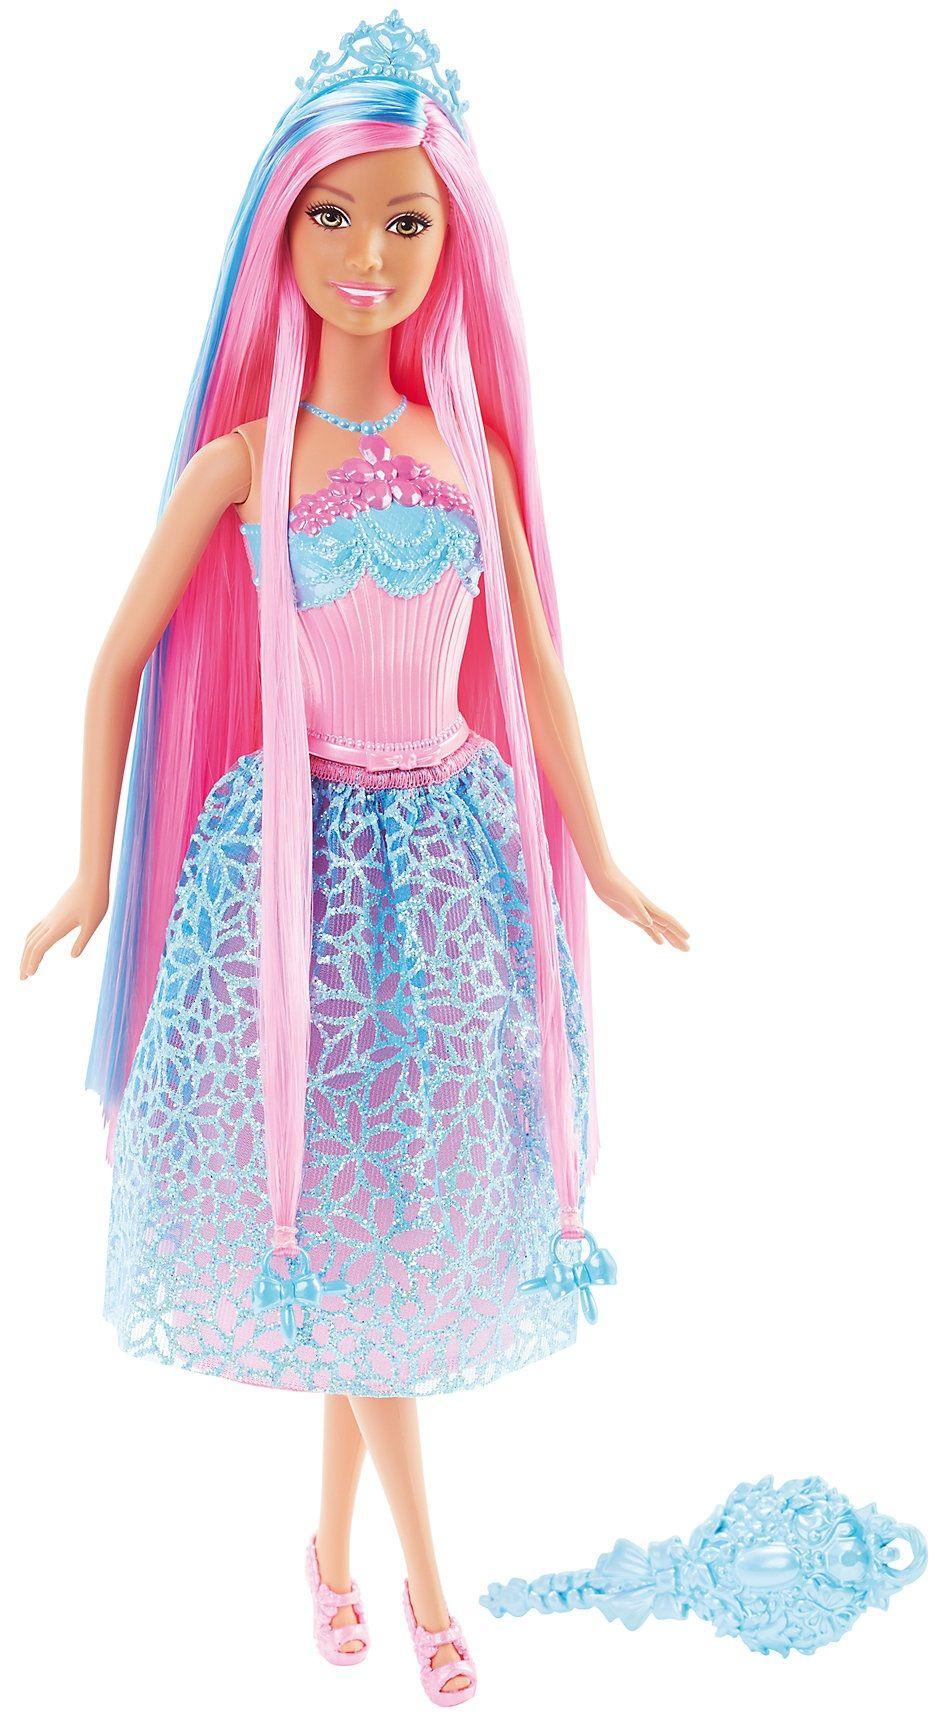 диваны кукла барби с длинными волосами картинки бухты леванцо